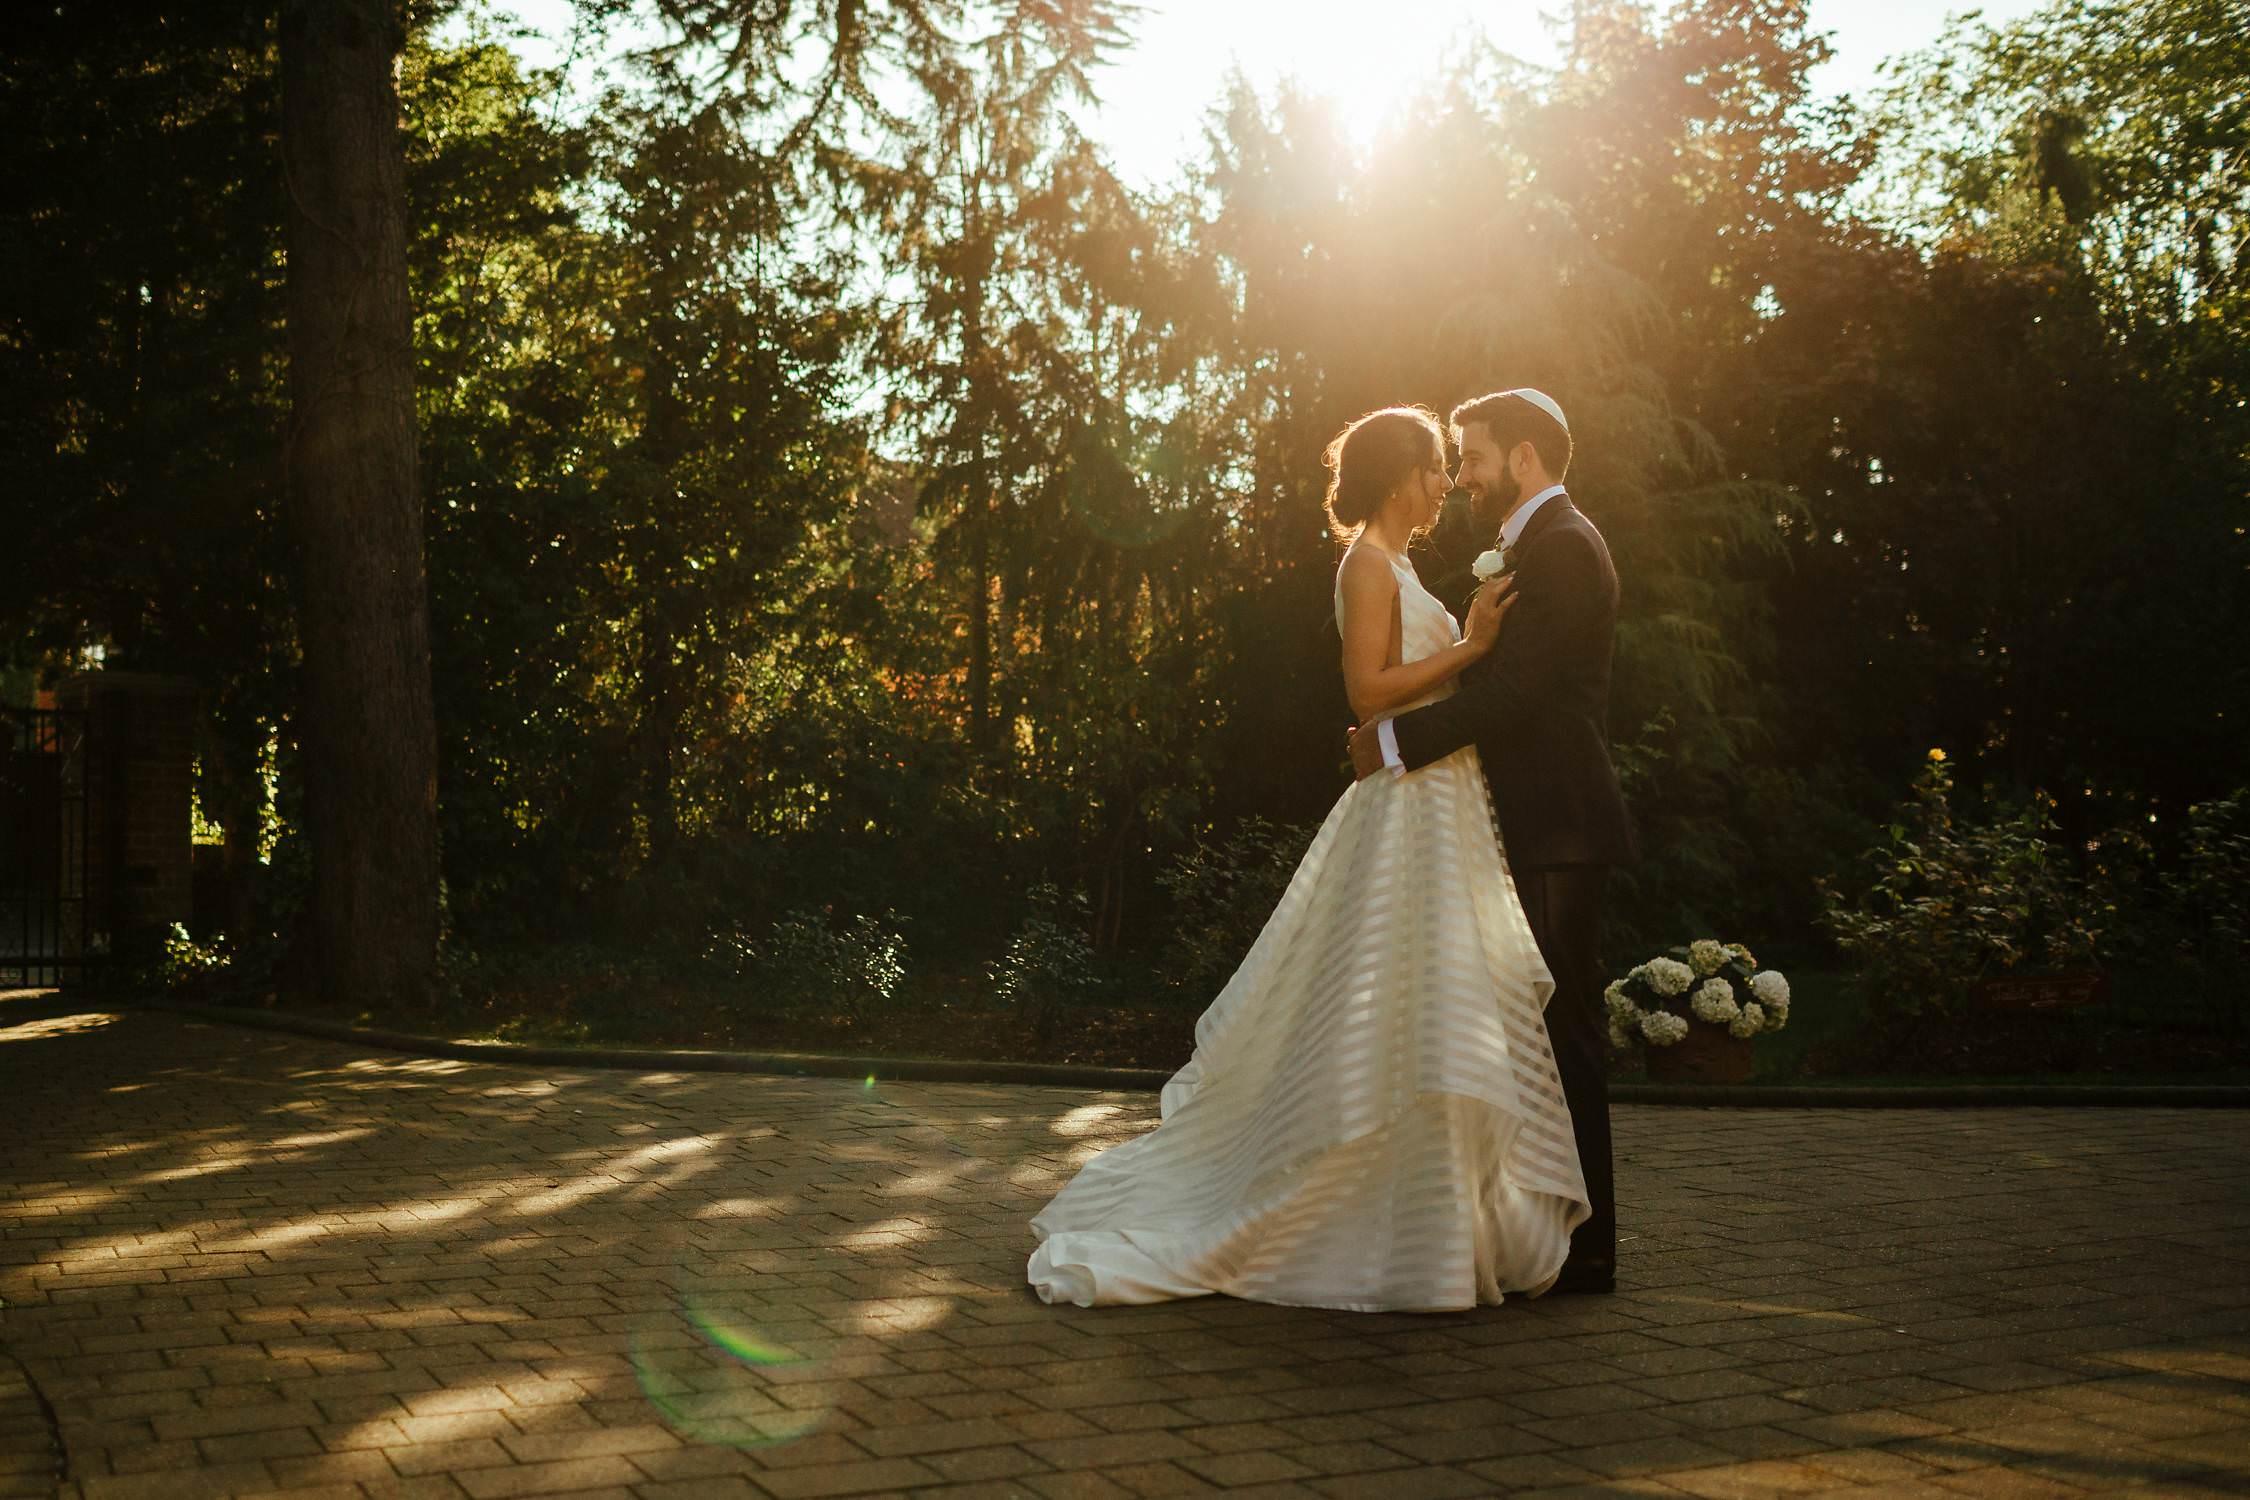 Buckinghamshire-Wedding-Photography-38